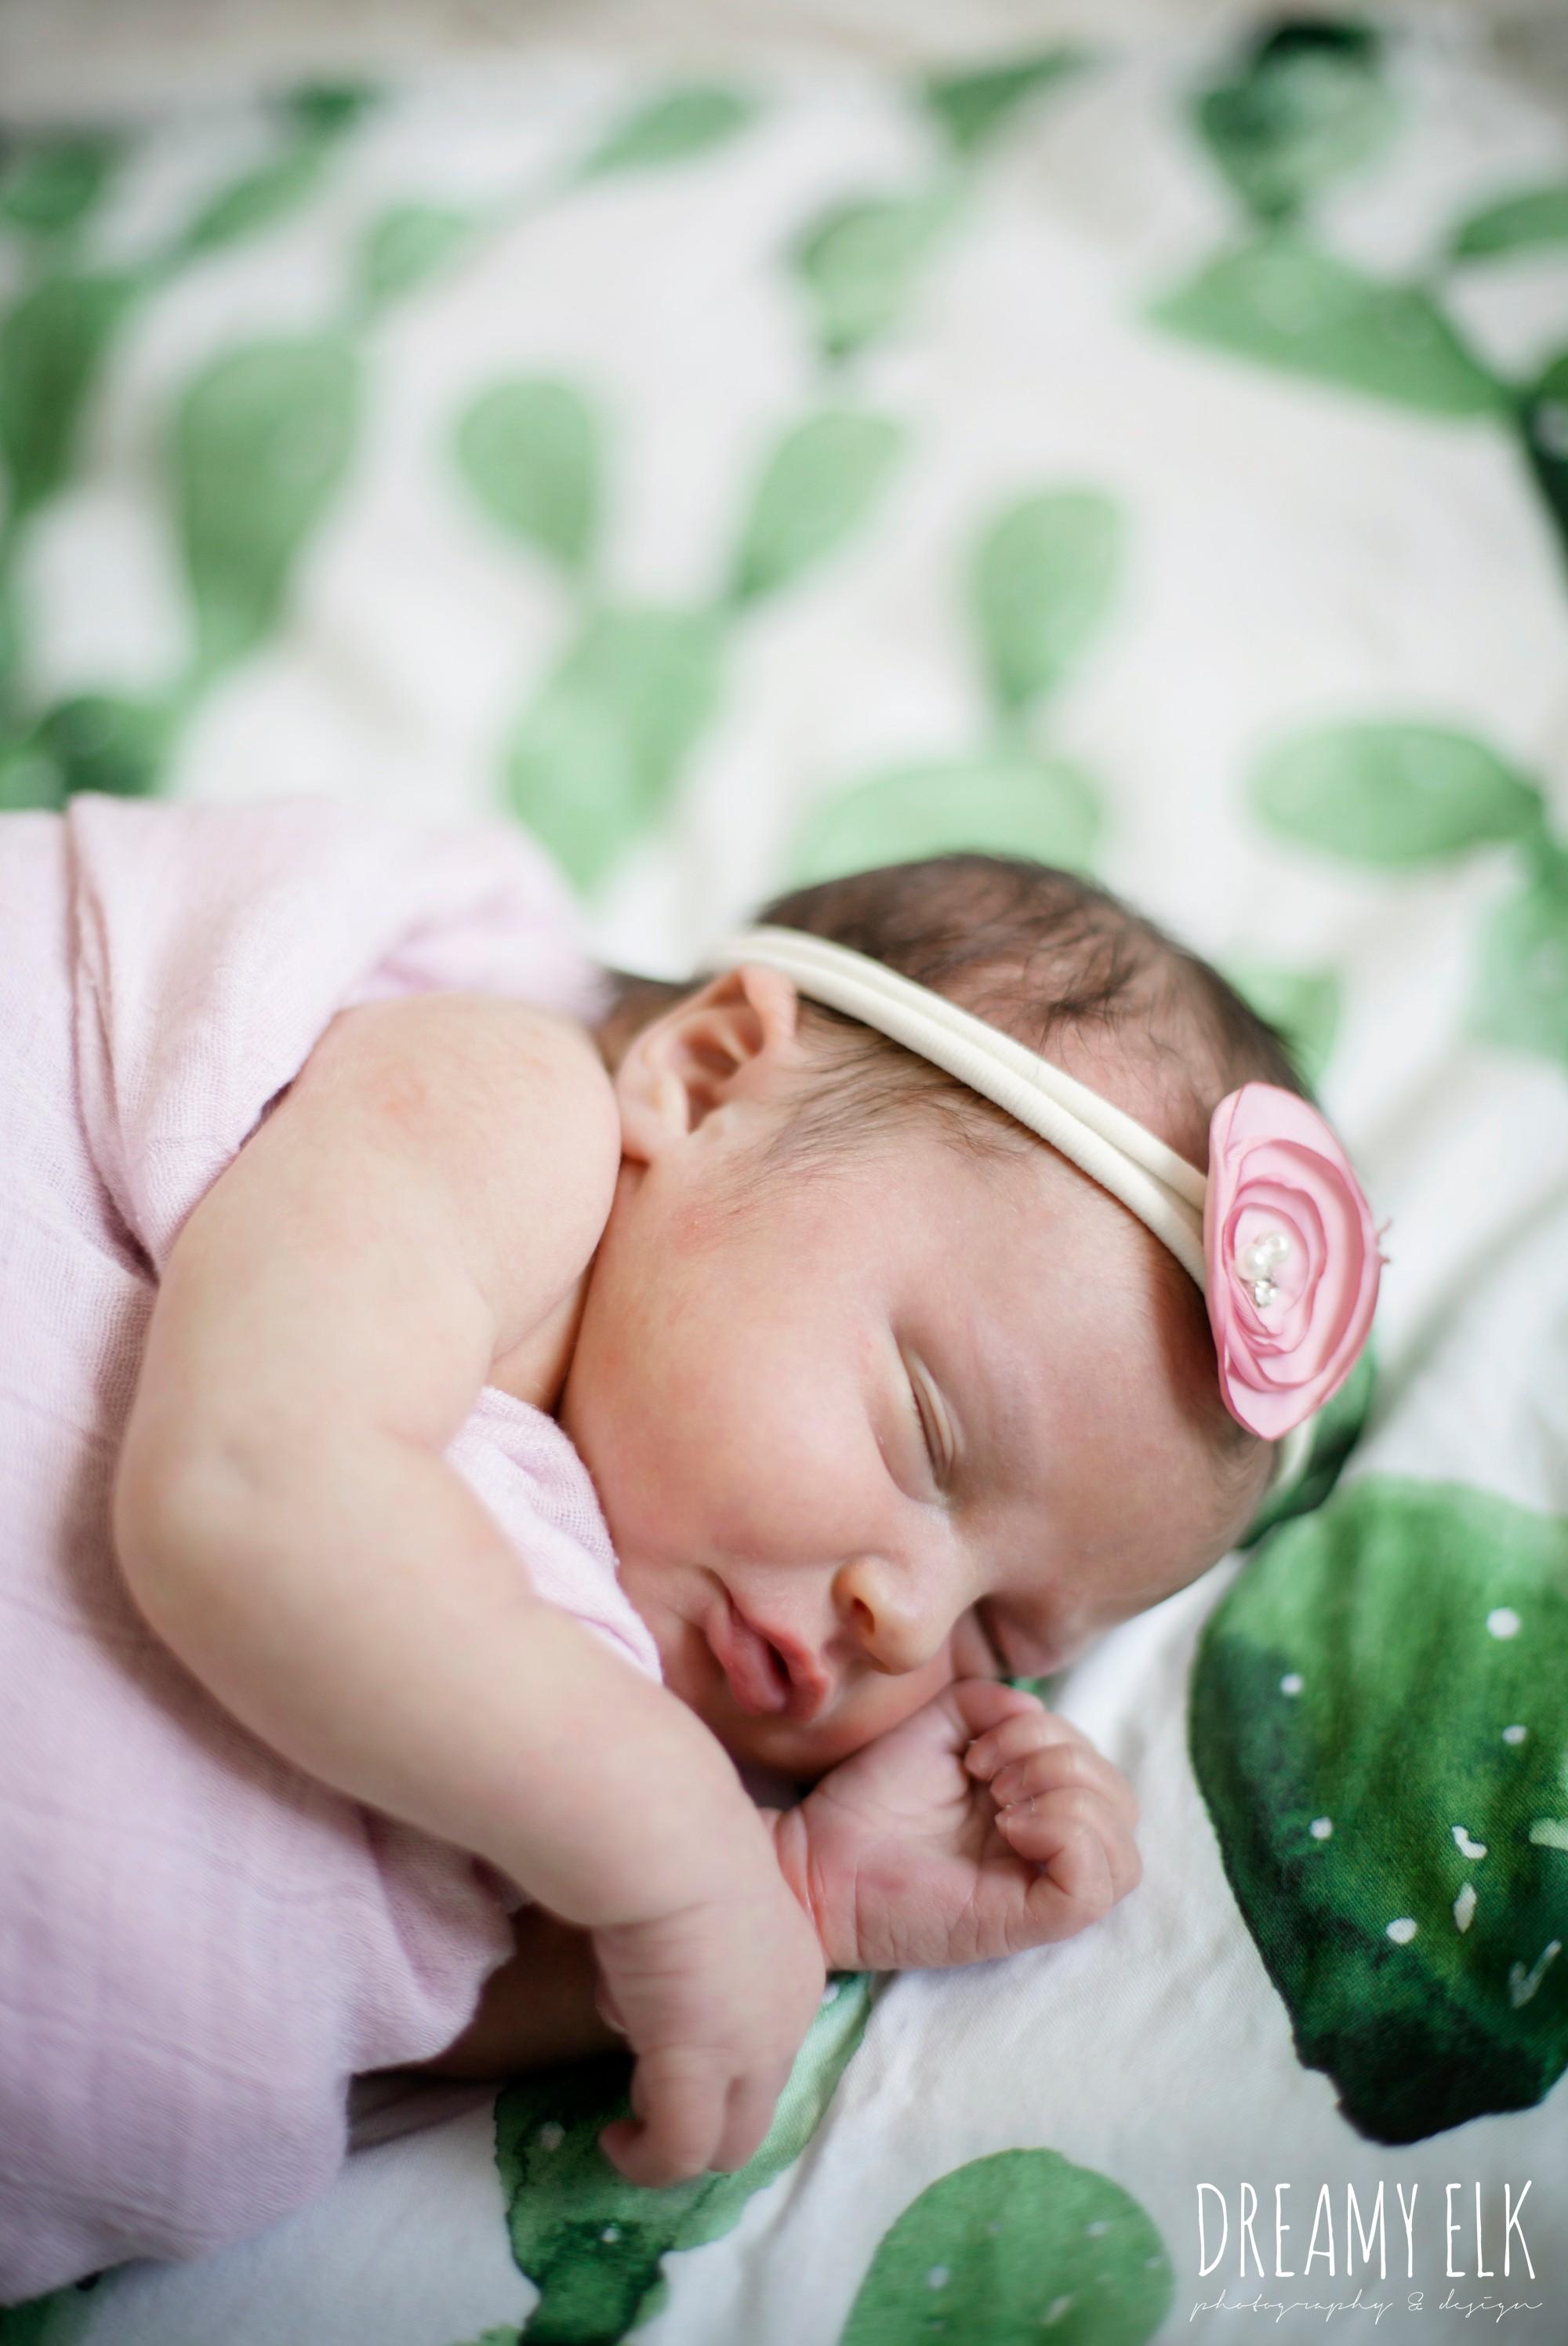 newborn baby girl photo, pink and cactus